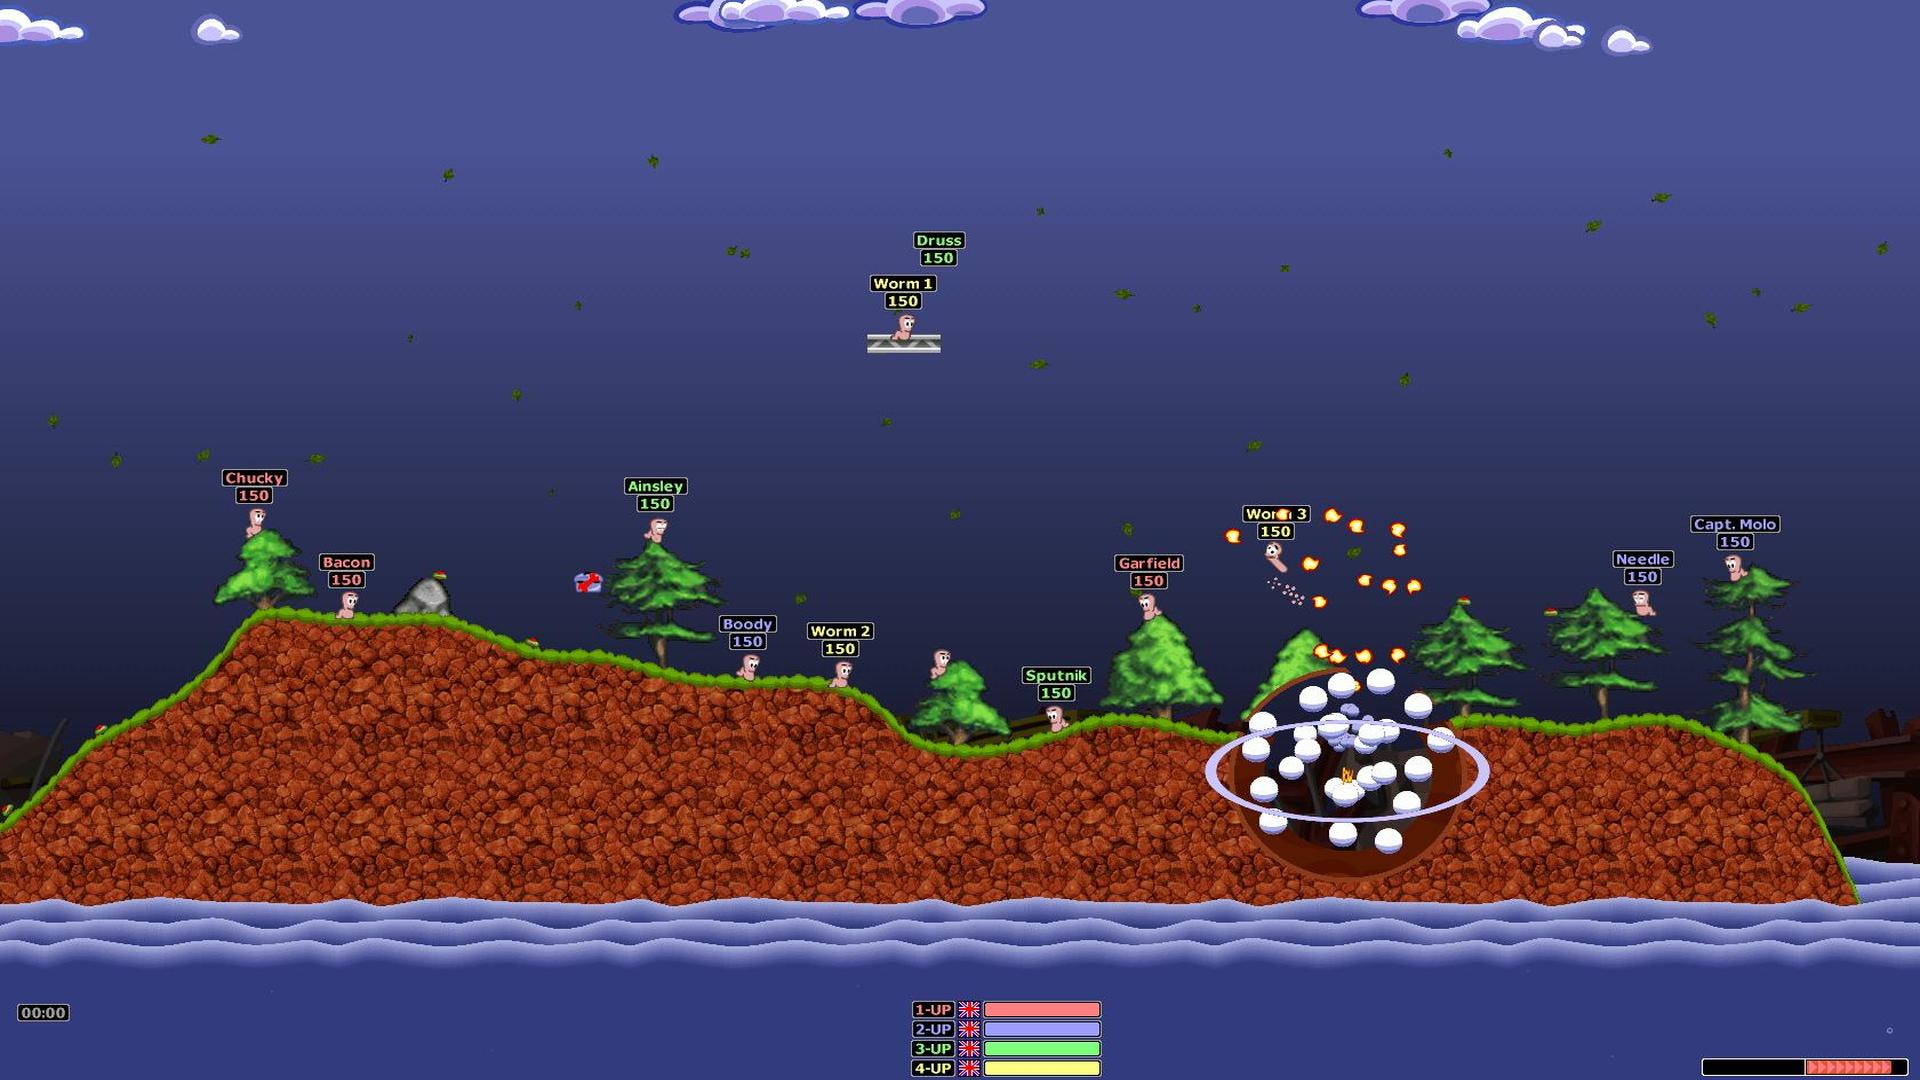 Worms Armageddon [GoG] [1999|Rus|Eng|Multi9]